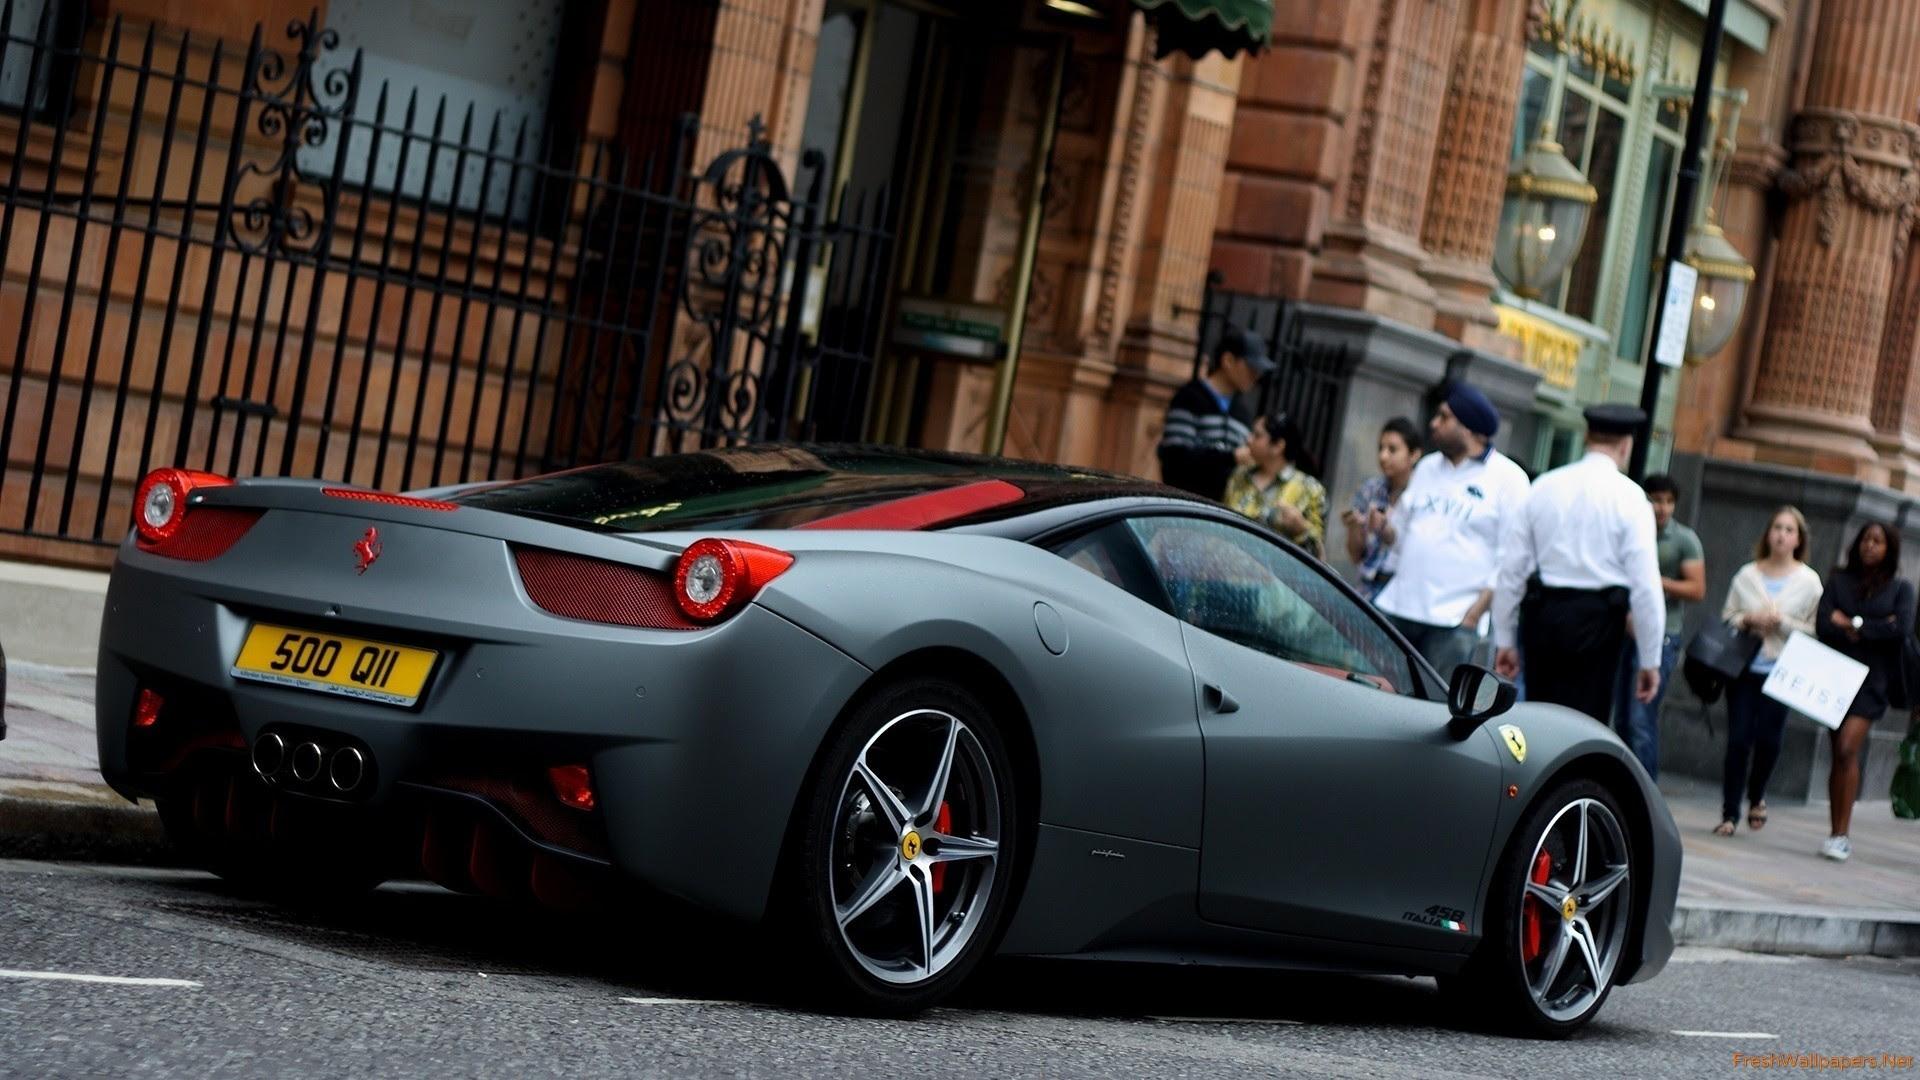 Black Ferrari Wallpaper 59 Images